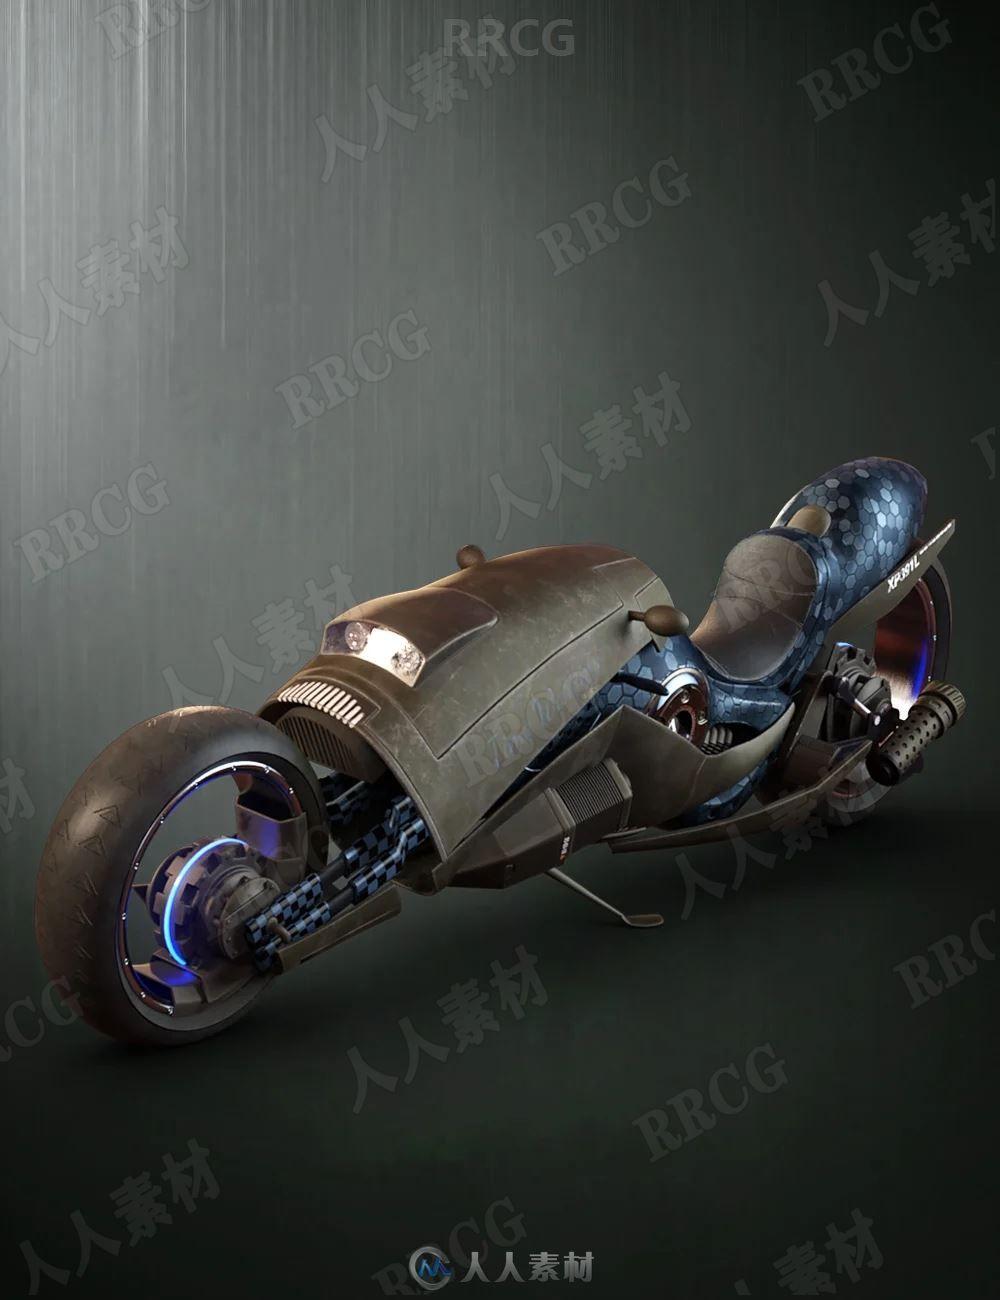 科幻磁悬浮摩托车产品交通工具3D模型合集